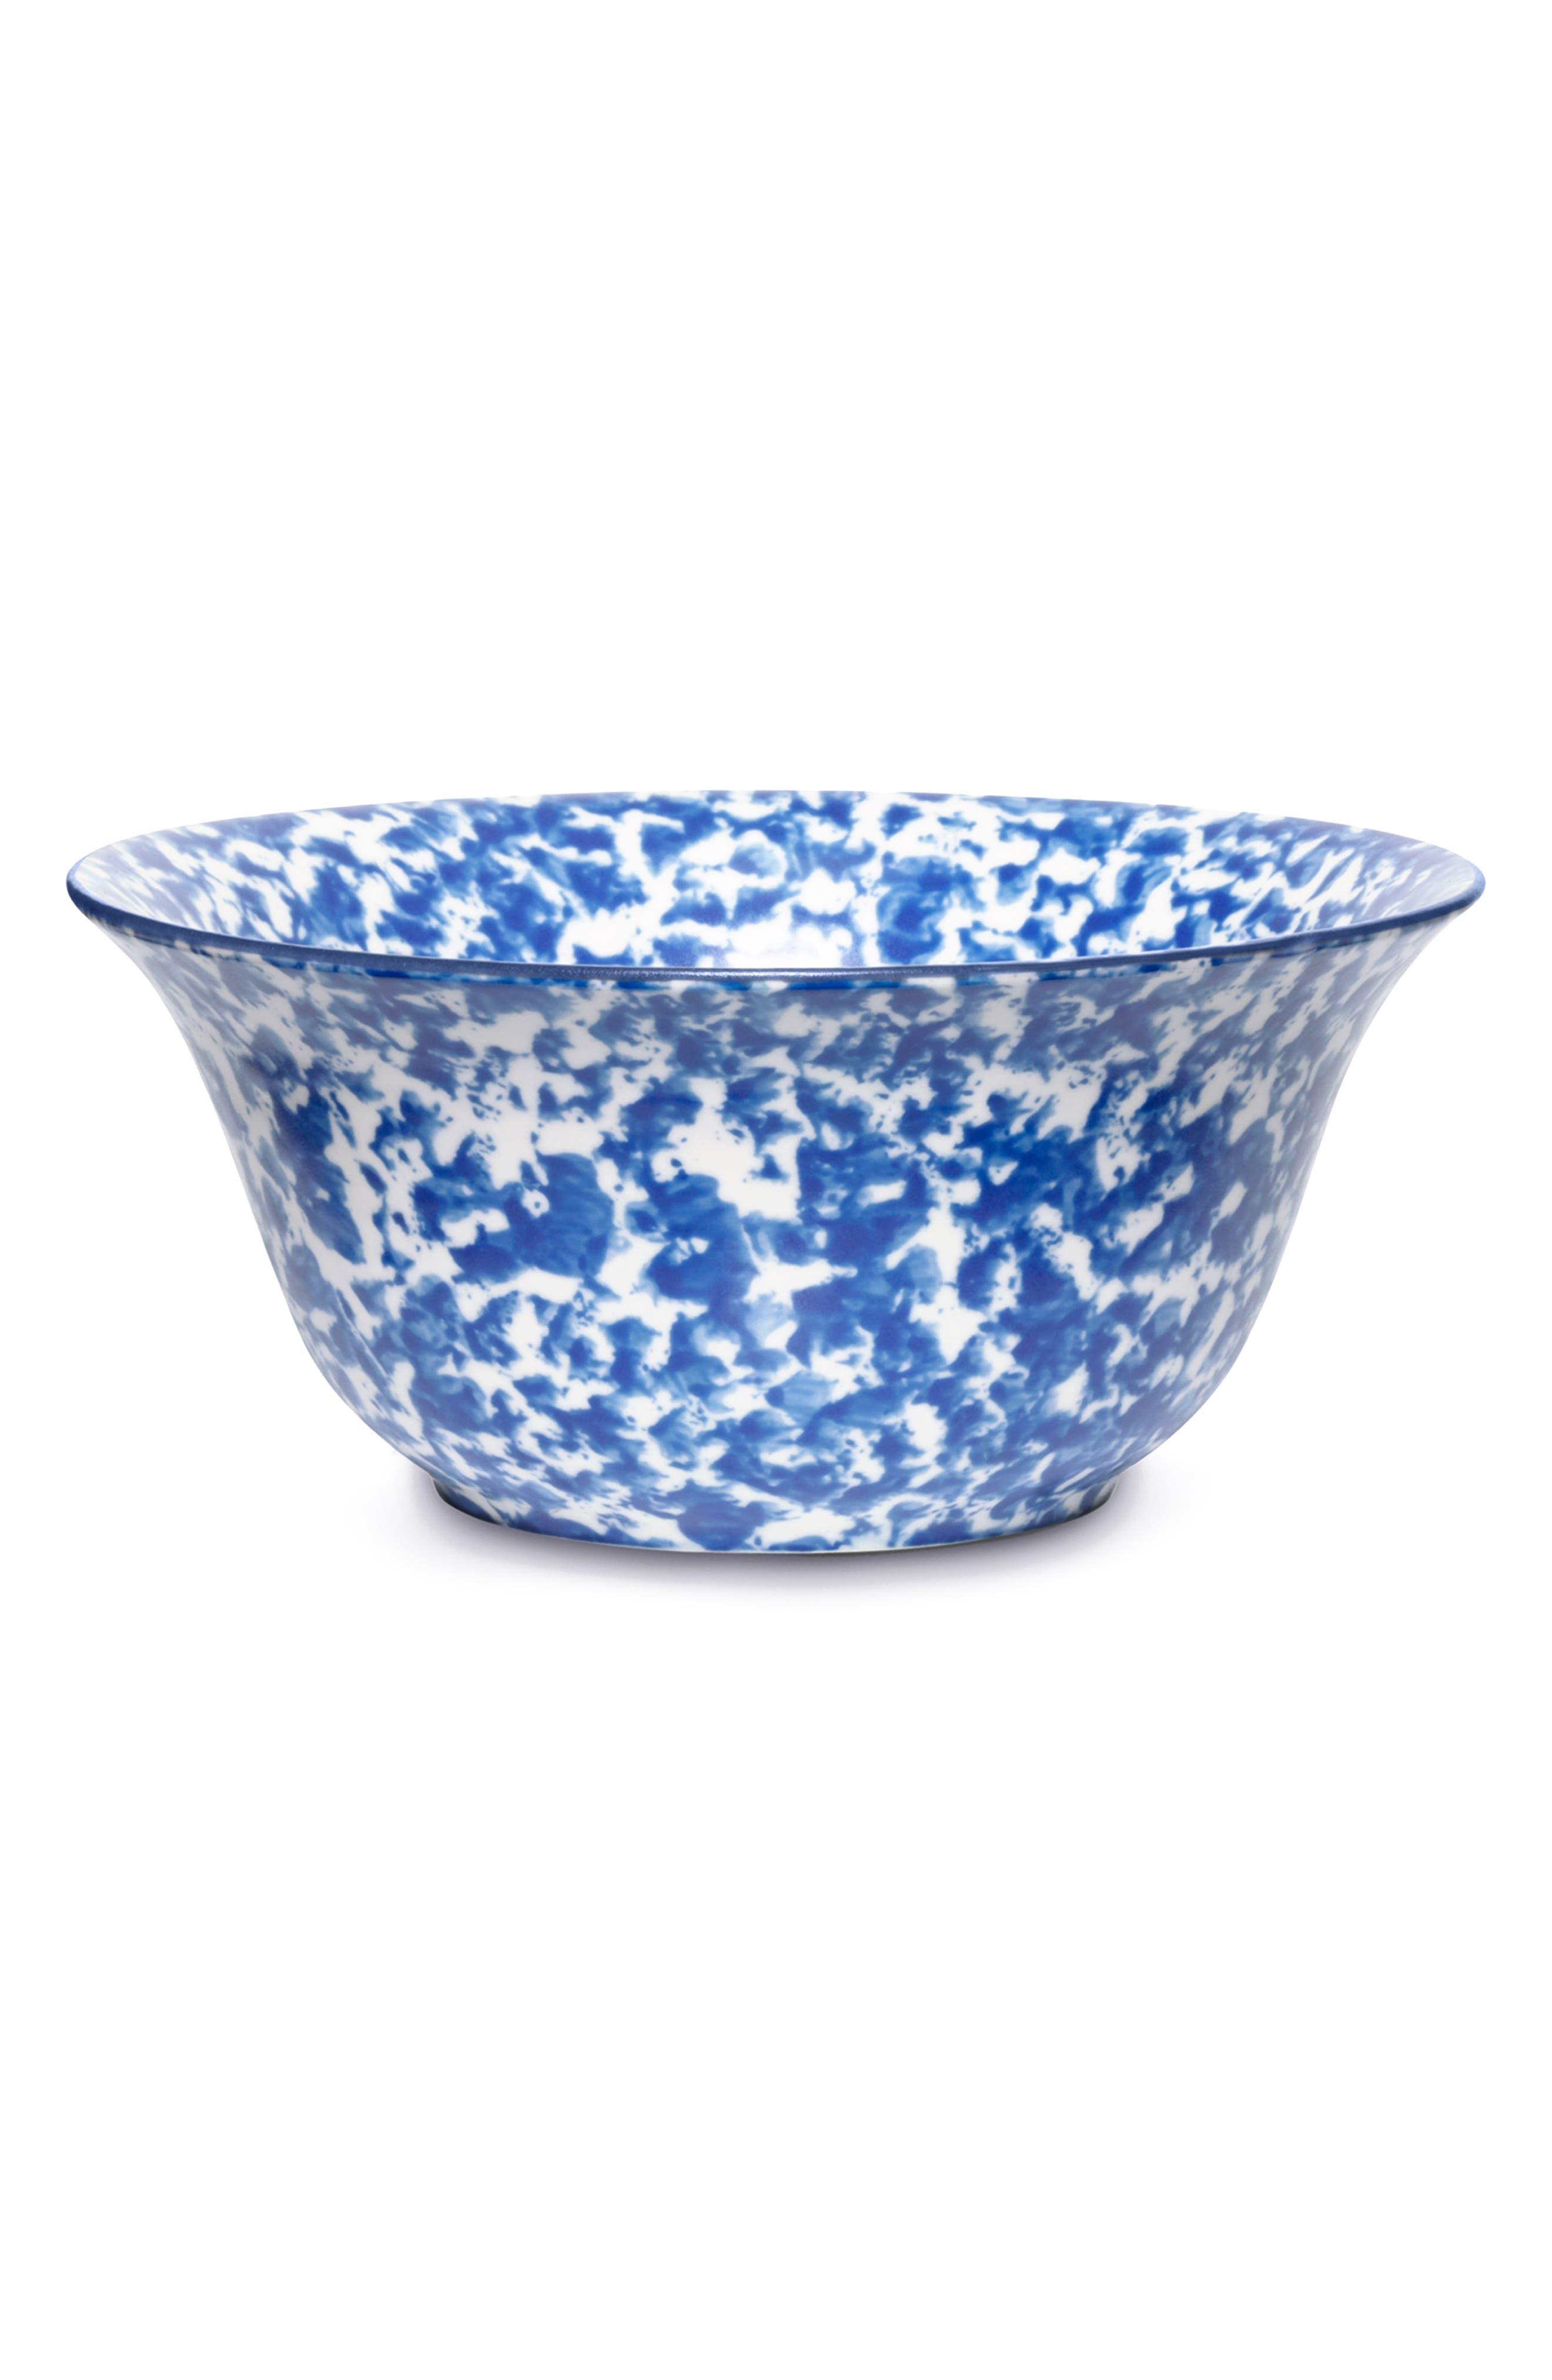 Set of 4 Spongeware Bowls, Main, color, CLASSIC SPONGE